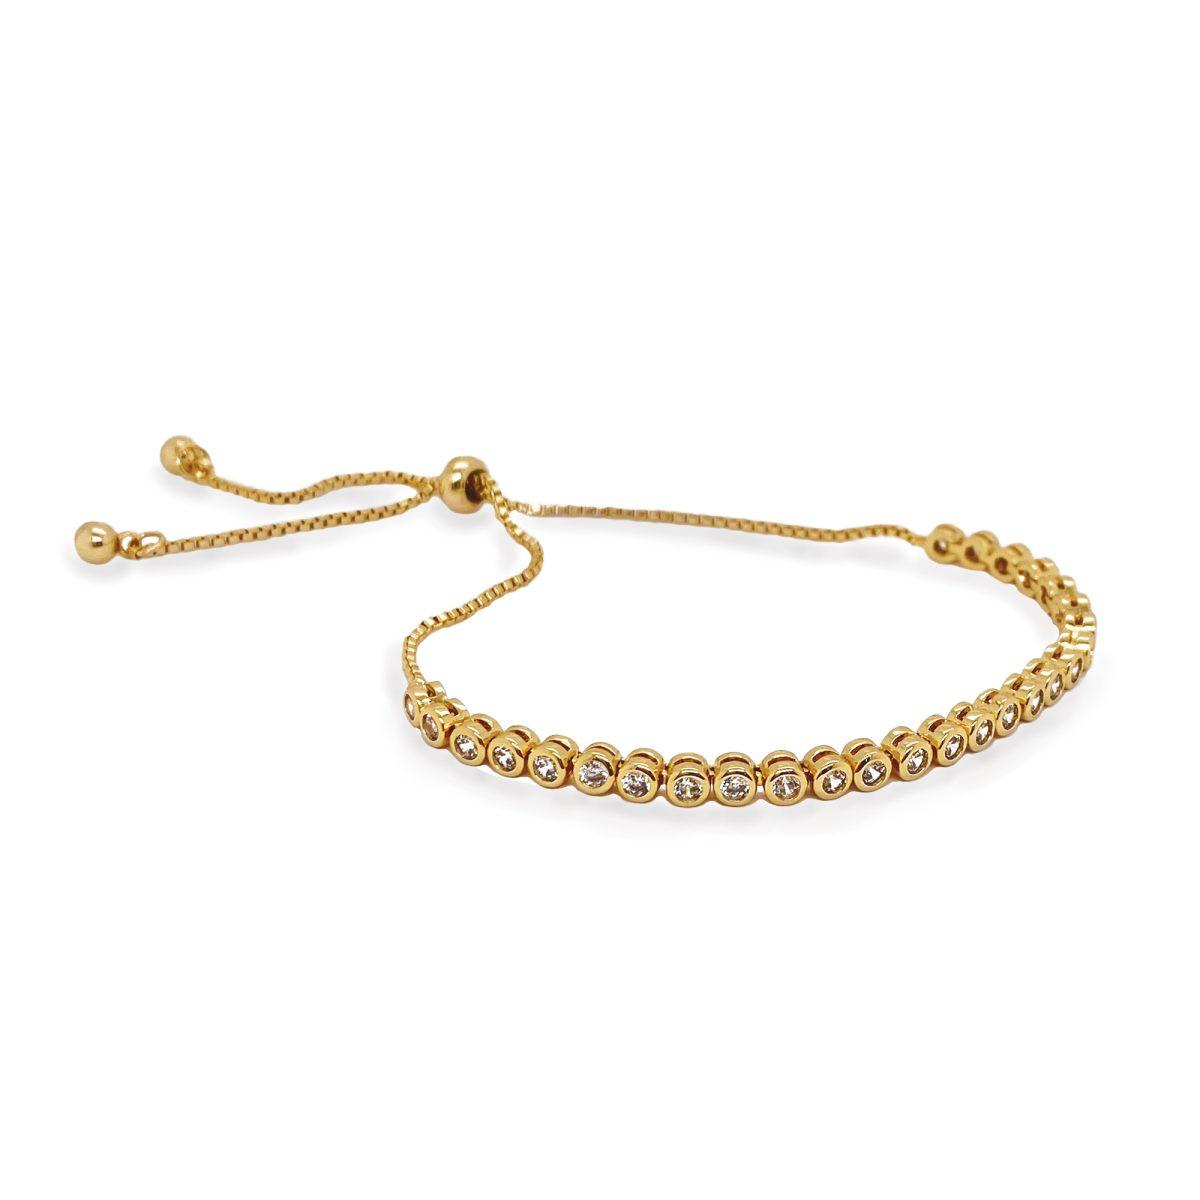 Ivory and Co Tivoli Gold Bracelet 1